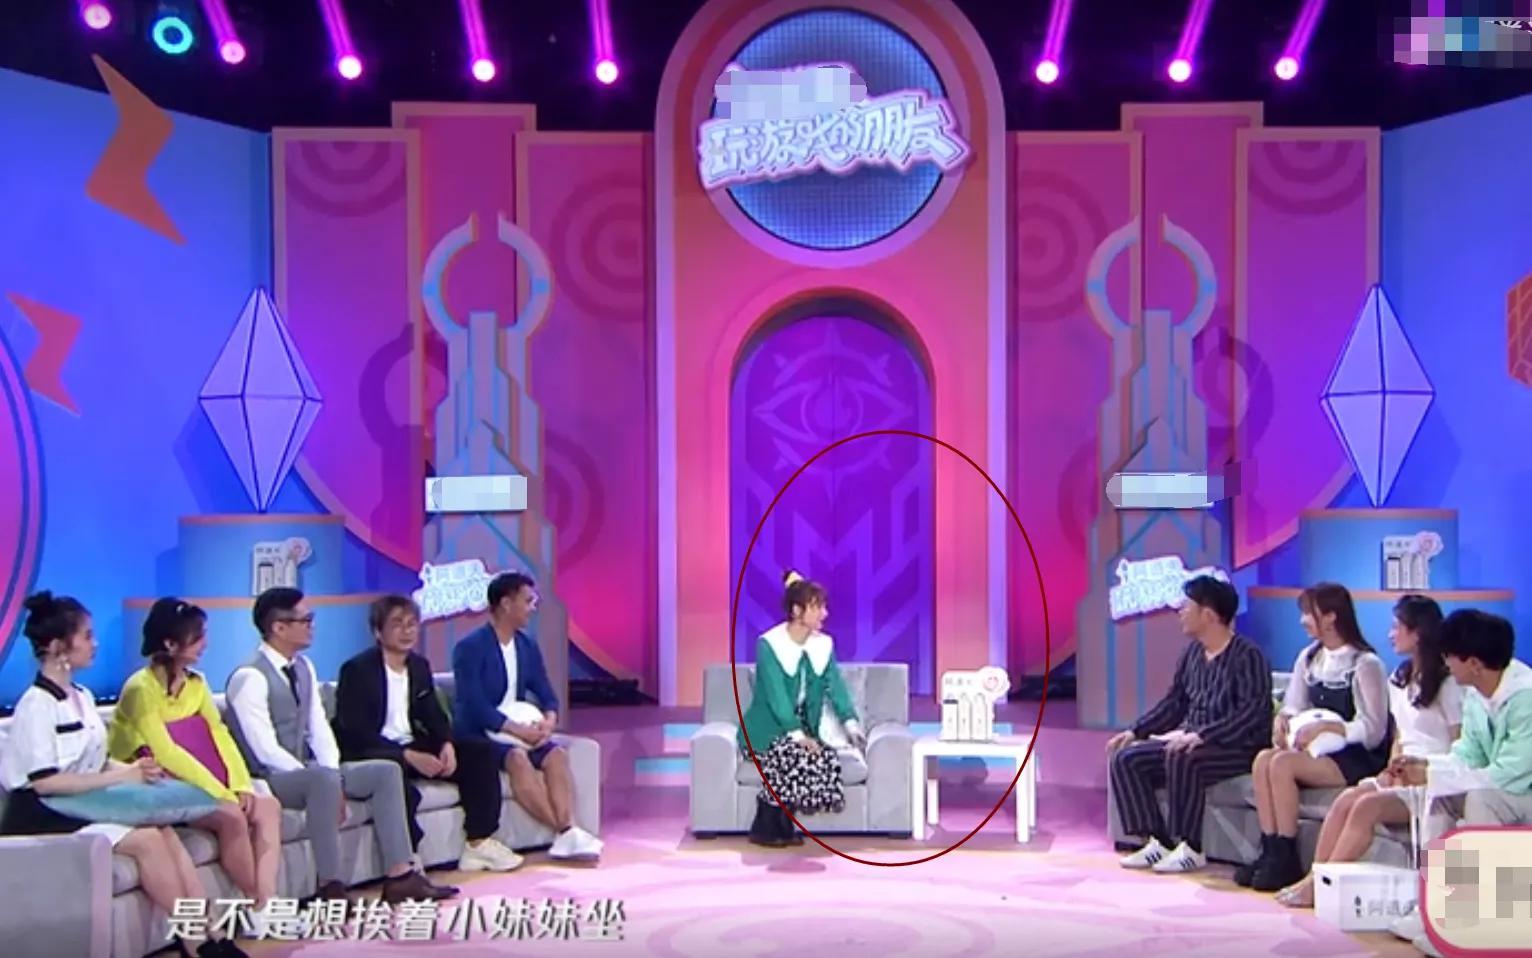 吴昕去杜海涛主持的节目,不愿坐安排的座位,看清位置,观众懵了